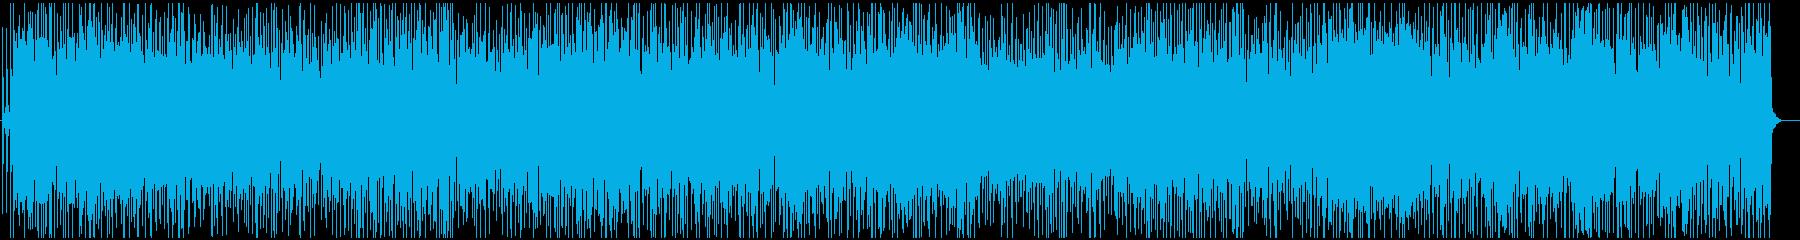 女性シンガー(デュオ)向けラブソングの再生済みの波形